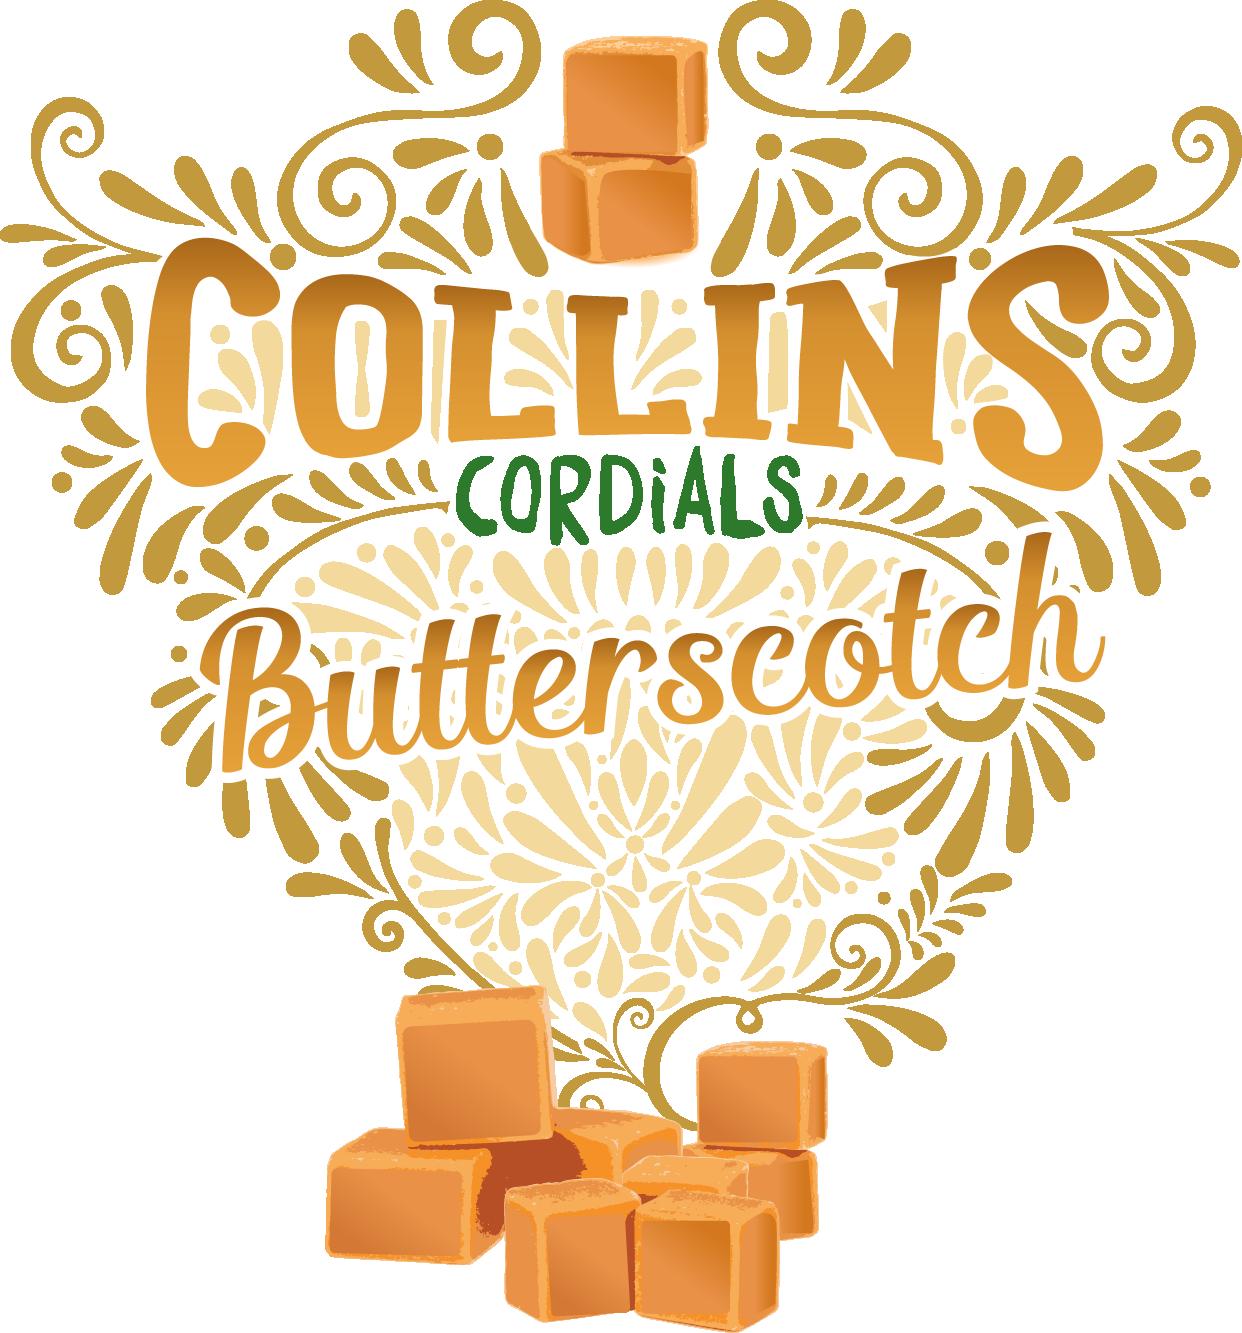 Butterscotch.png